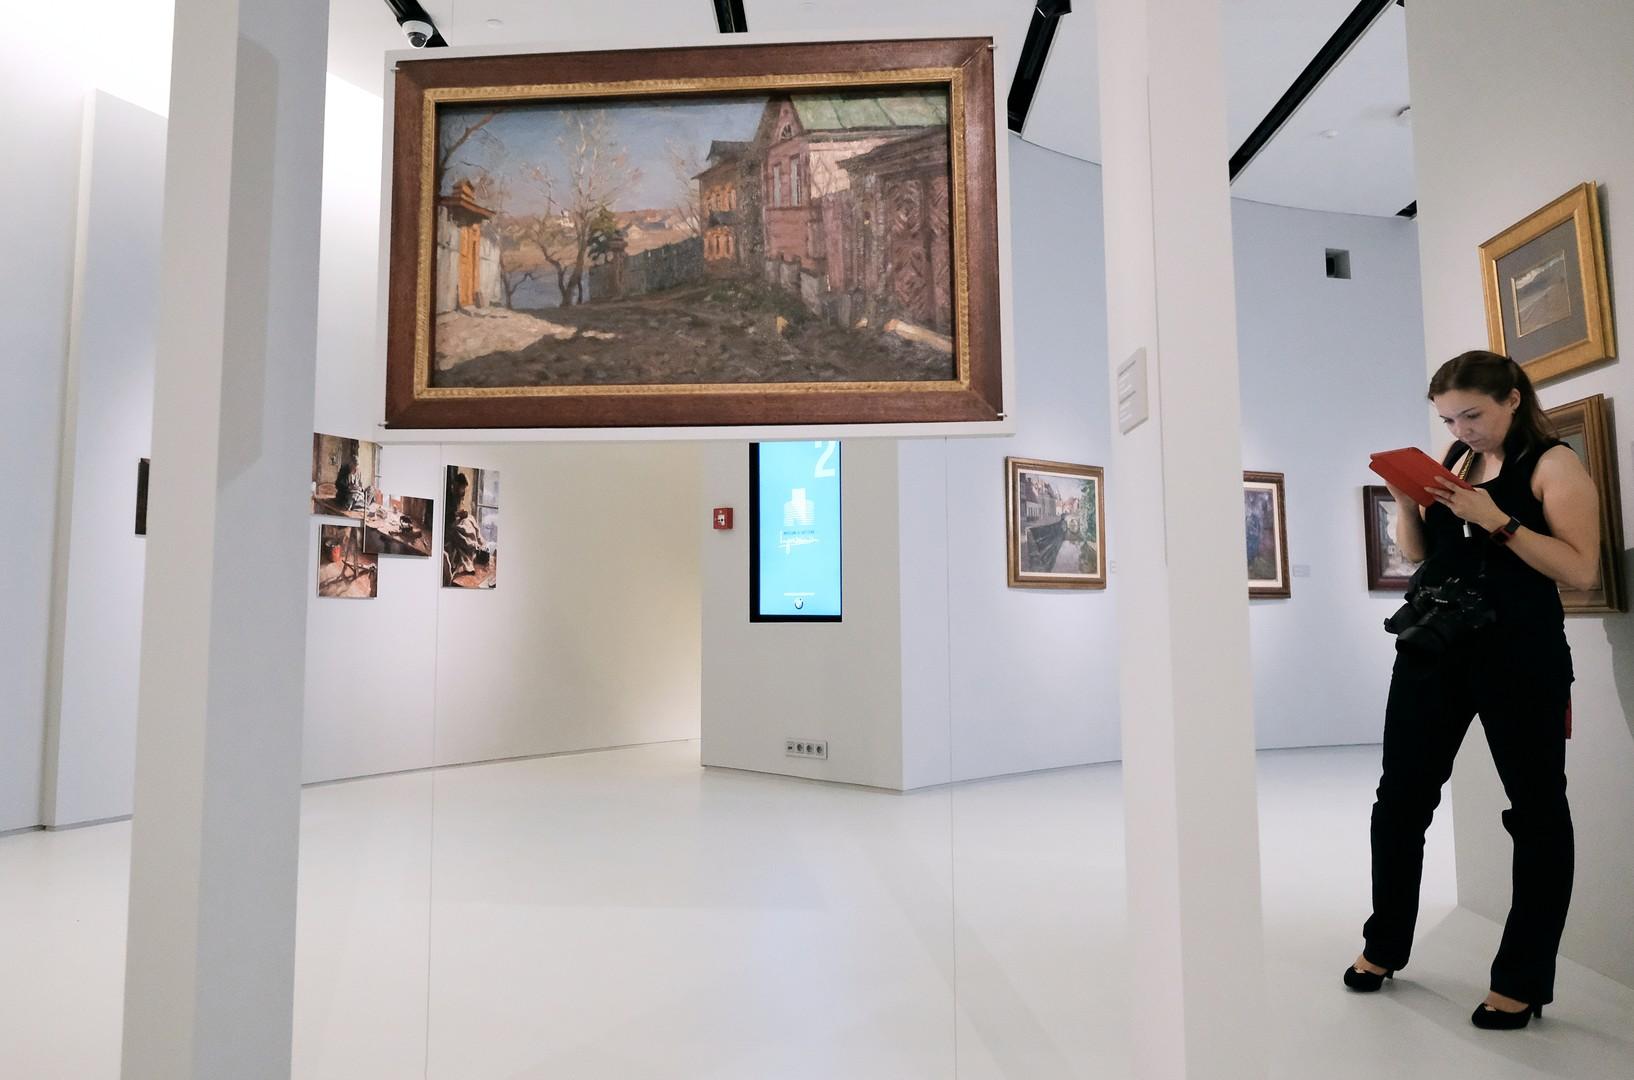 Le nouveau musée de l'impressionnisme russe a ouvert ses portes à Moscou